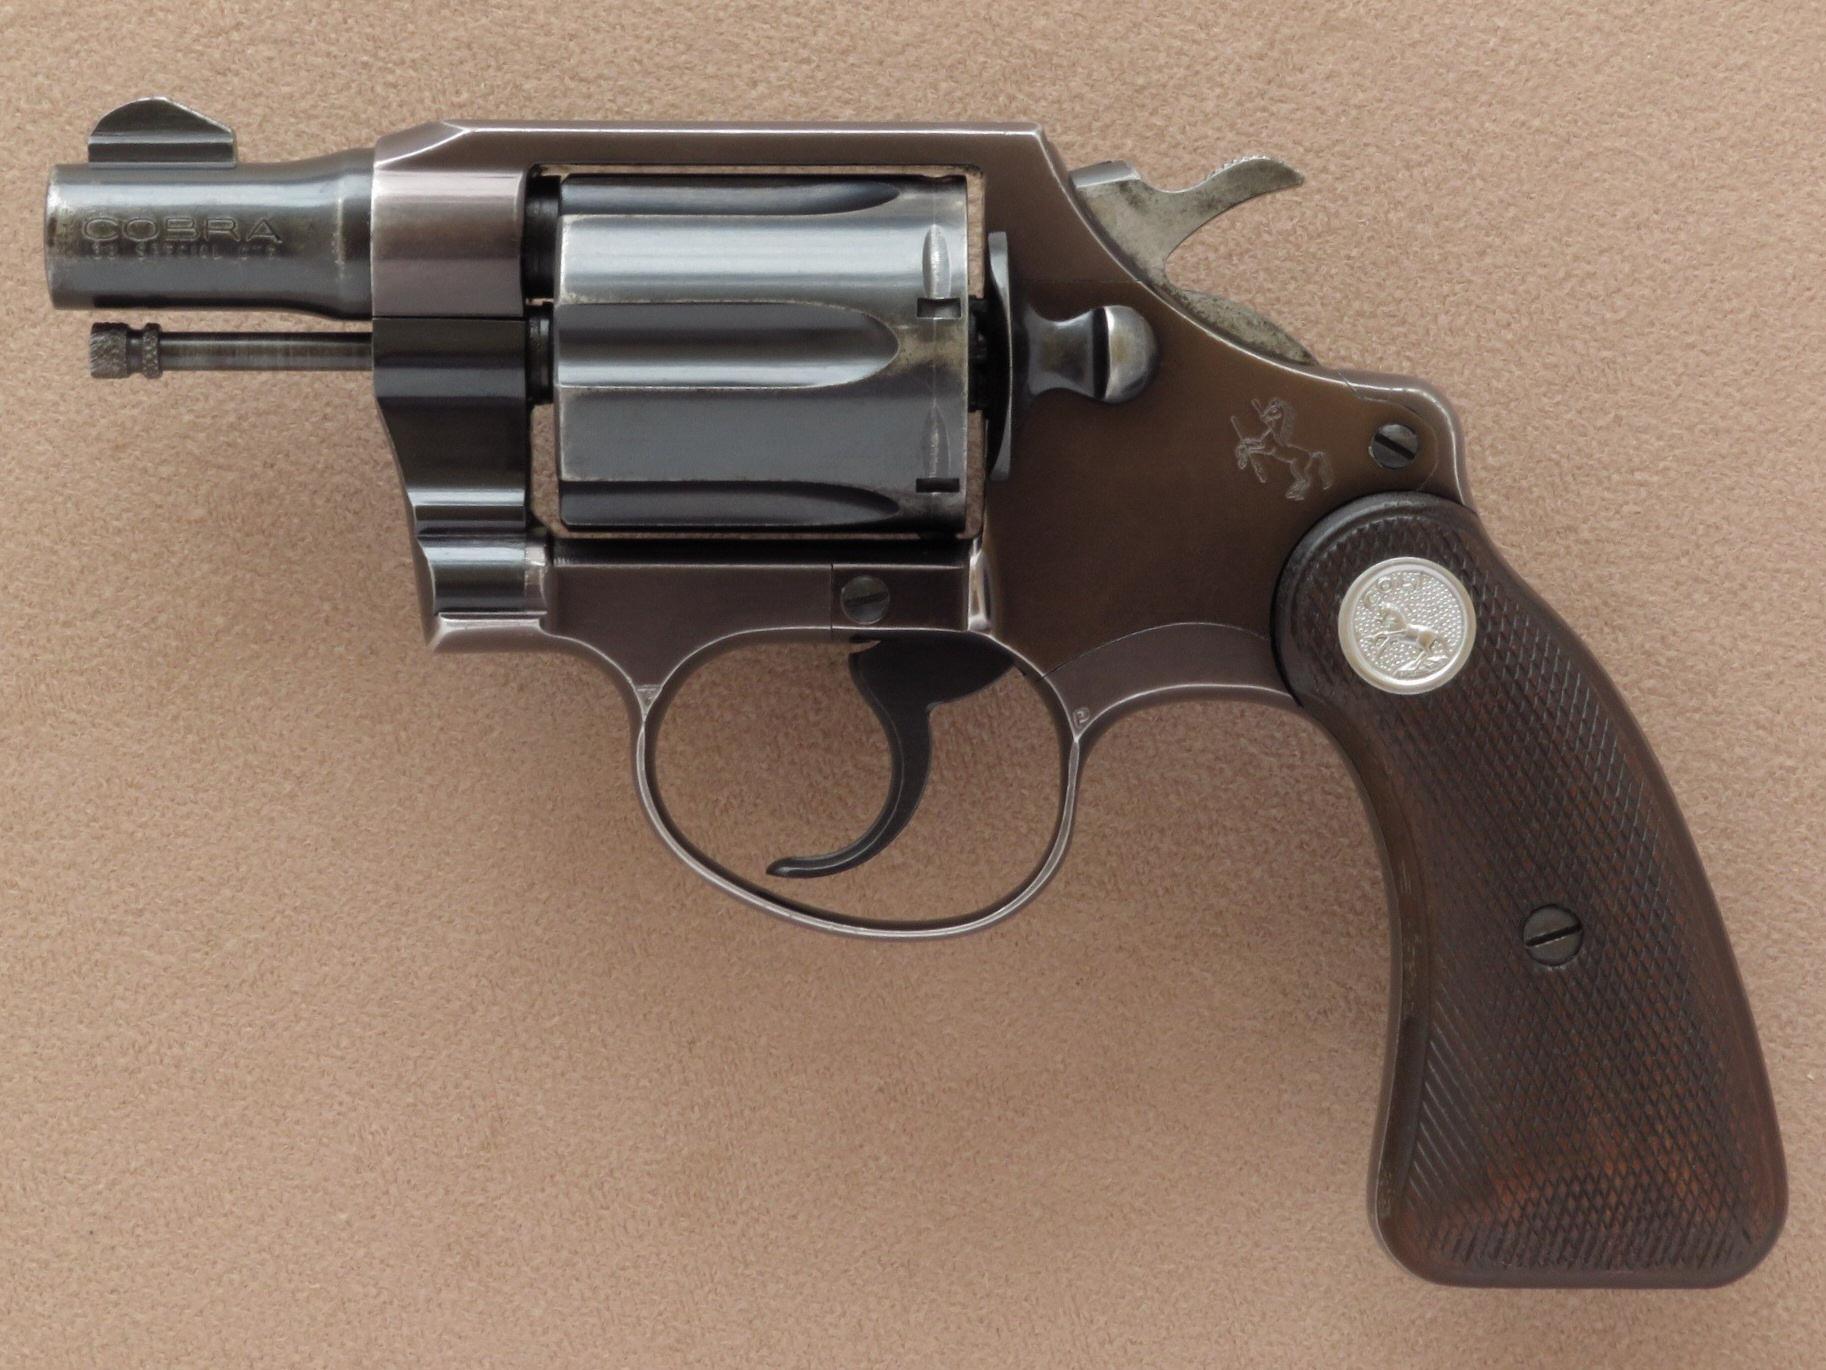 Le premier modèle lancé par Colt en 1950, que les américains désignent aujourd'hui comme « Cobra First issue », était construit sur la base d'une carcasse en alliage d'aluminium.